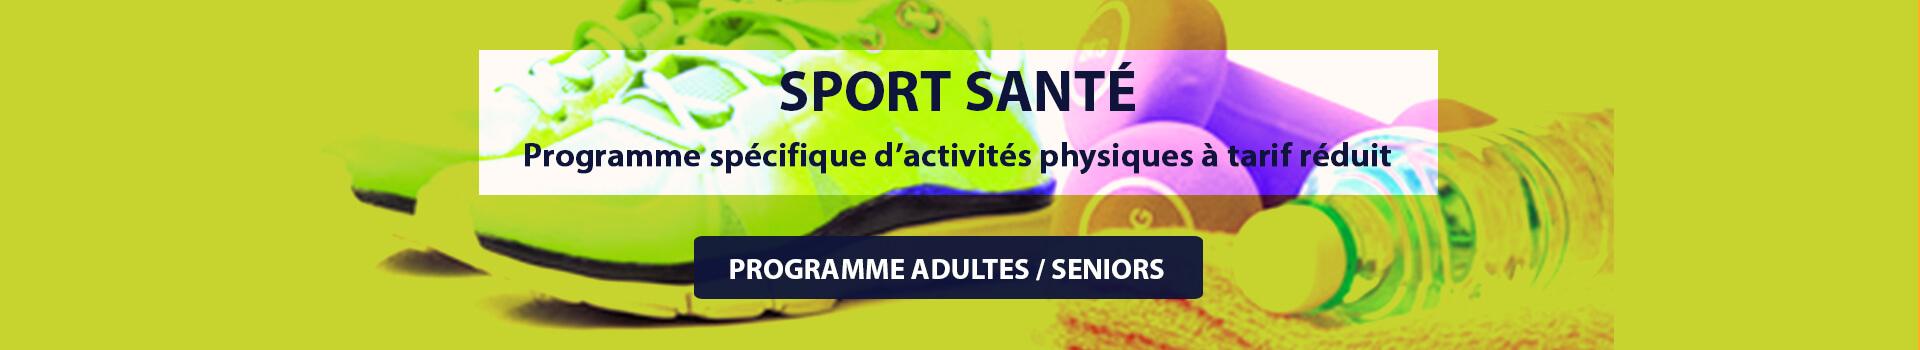 bandeau_sport_sante_octobre2019